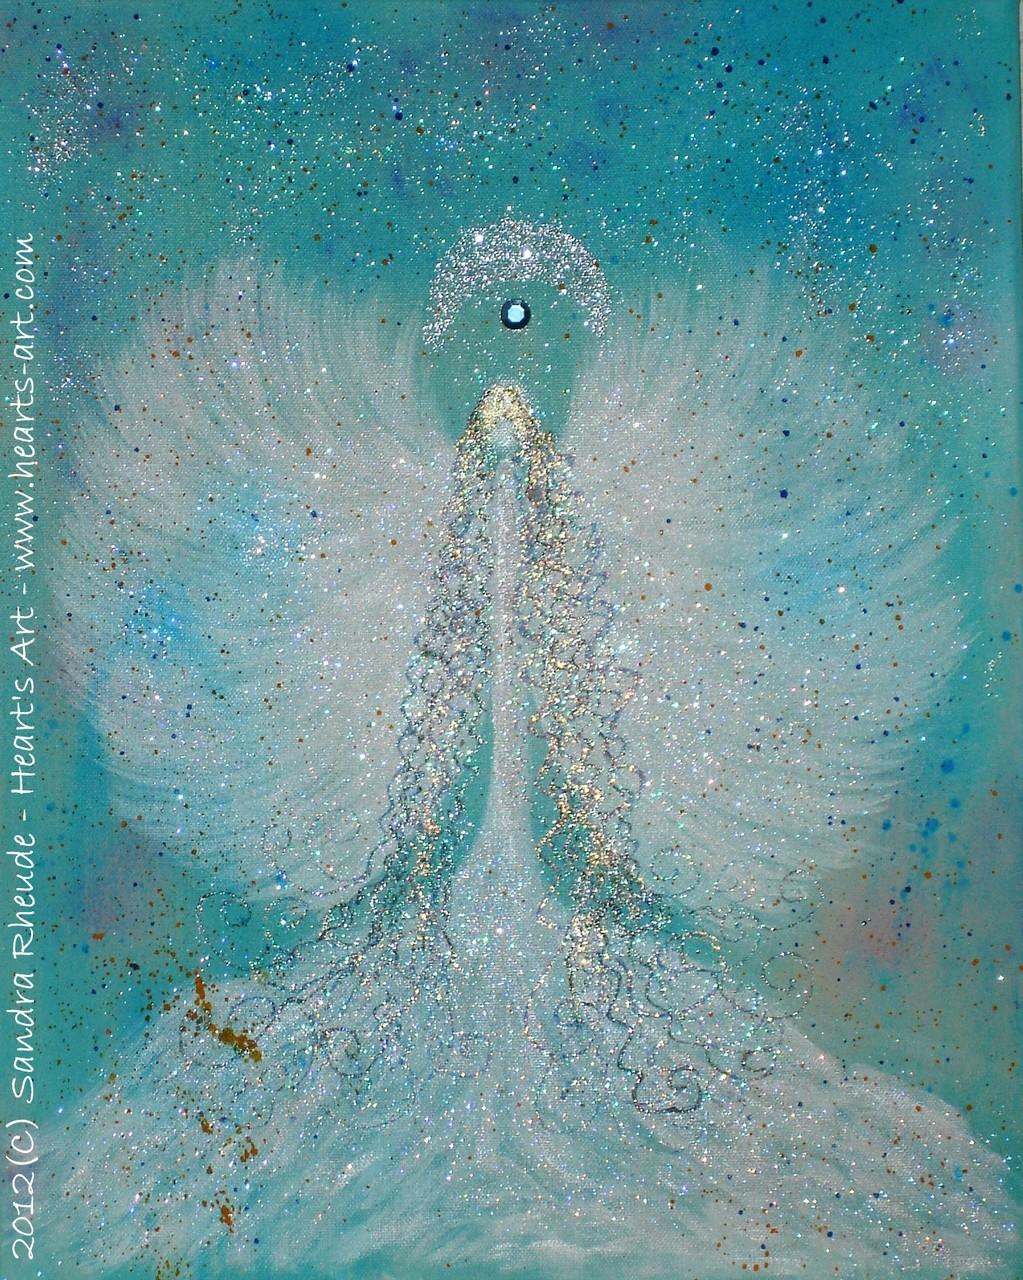 'Engel der Leichtigkeit' - 2012/65 - Acryl auf Leinwand - 40 x 50 cm - verkauft (Hamburg)